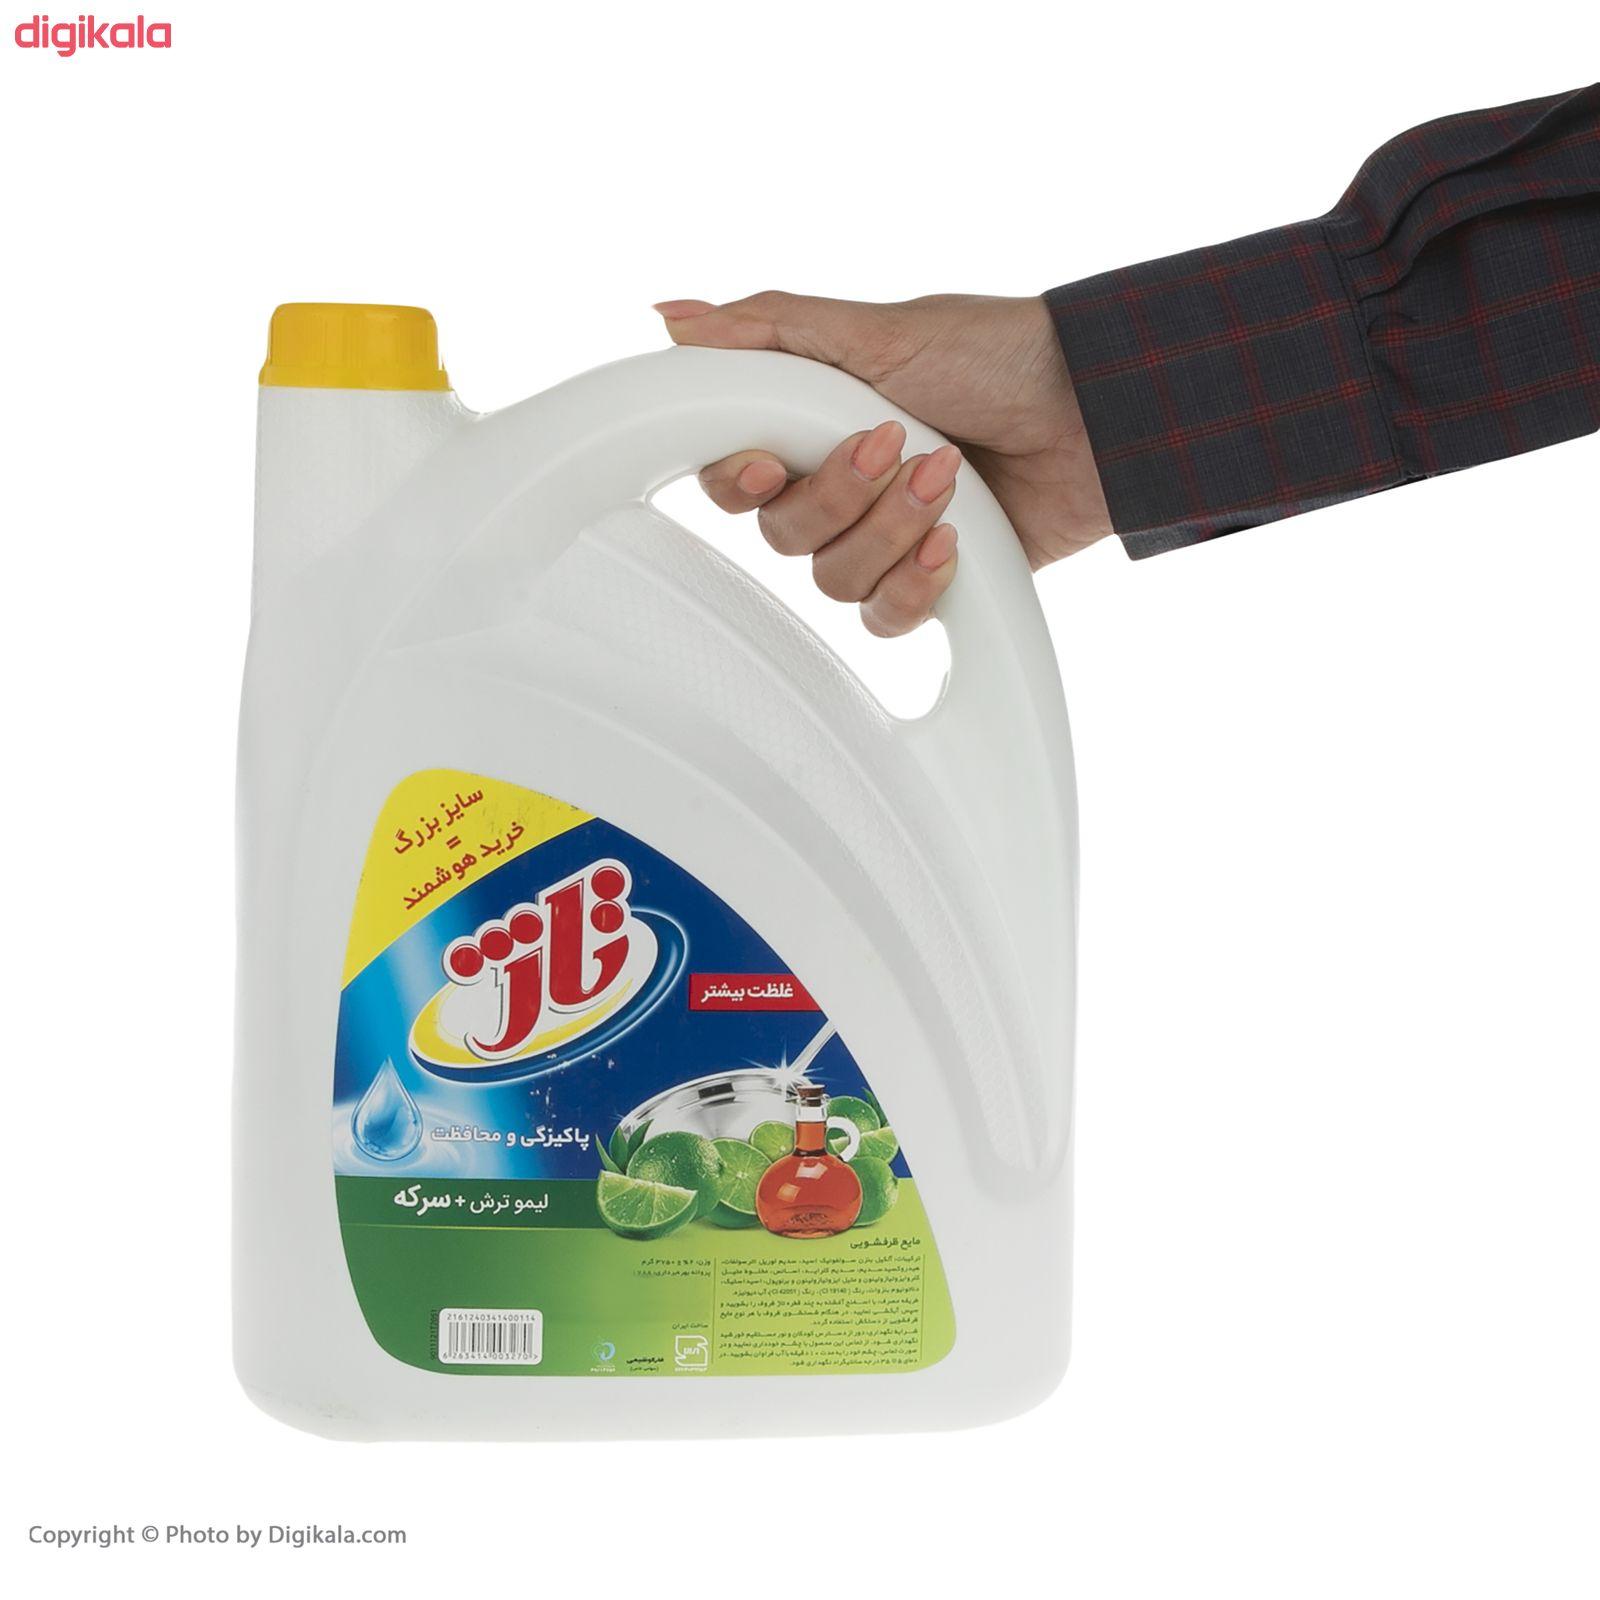 مایع ظرفشویی تاژ حاوی سرکه با رایحه لیمو سبز مقدار 3.75 کیلوگرم main 1 3